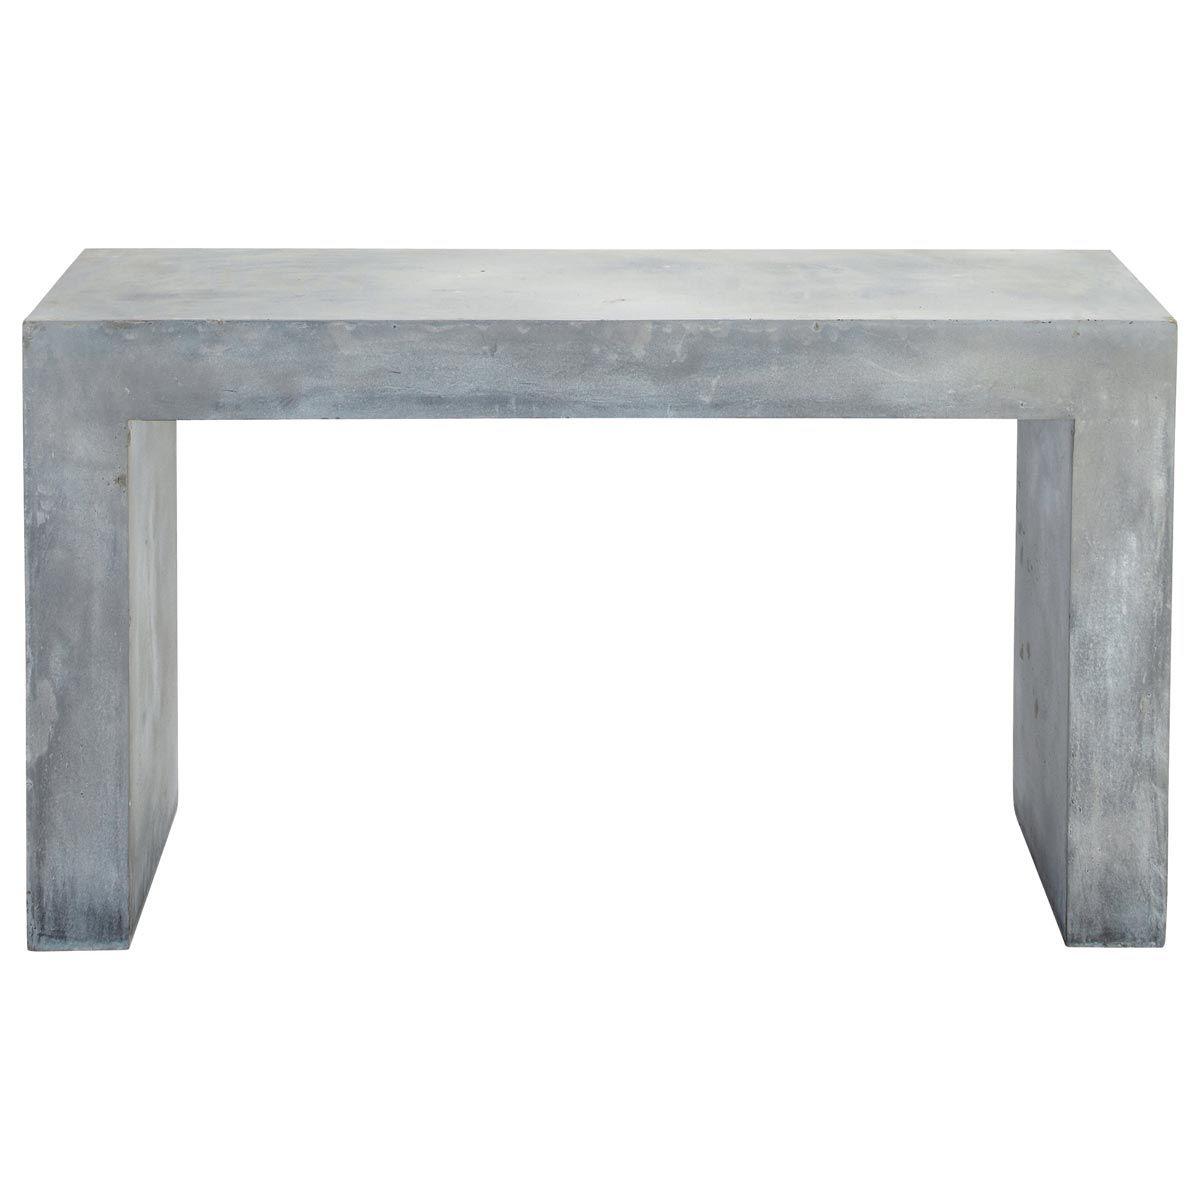 Table console effet béton en magnésie grise L 135 cm | Minerals ...